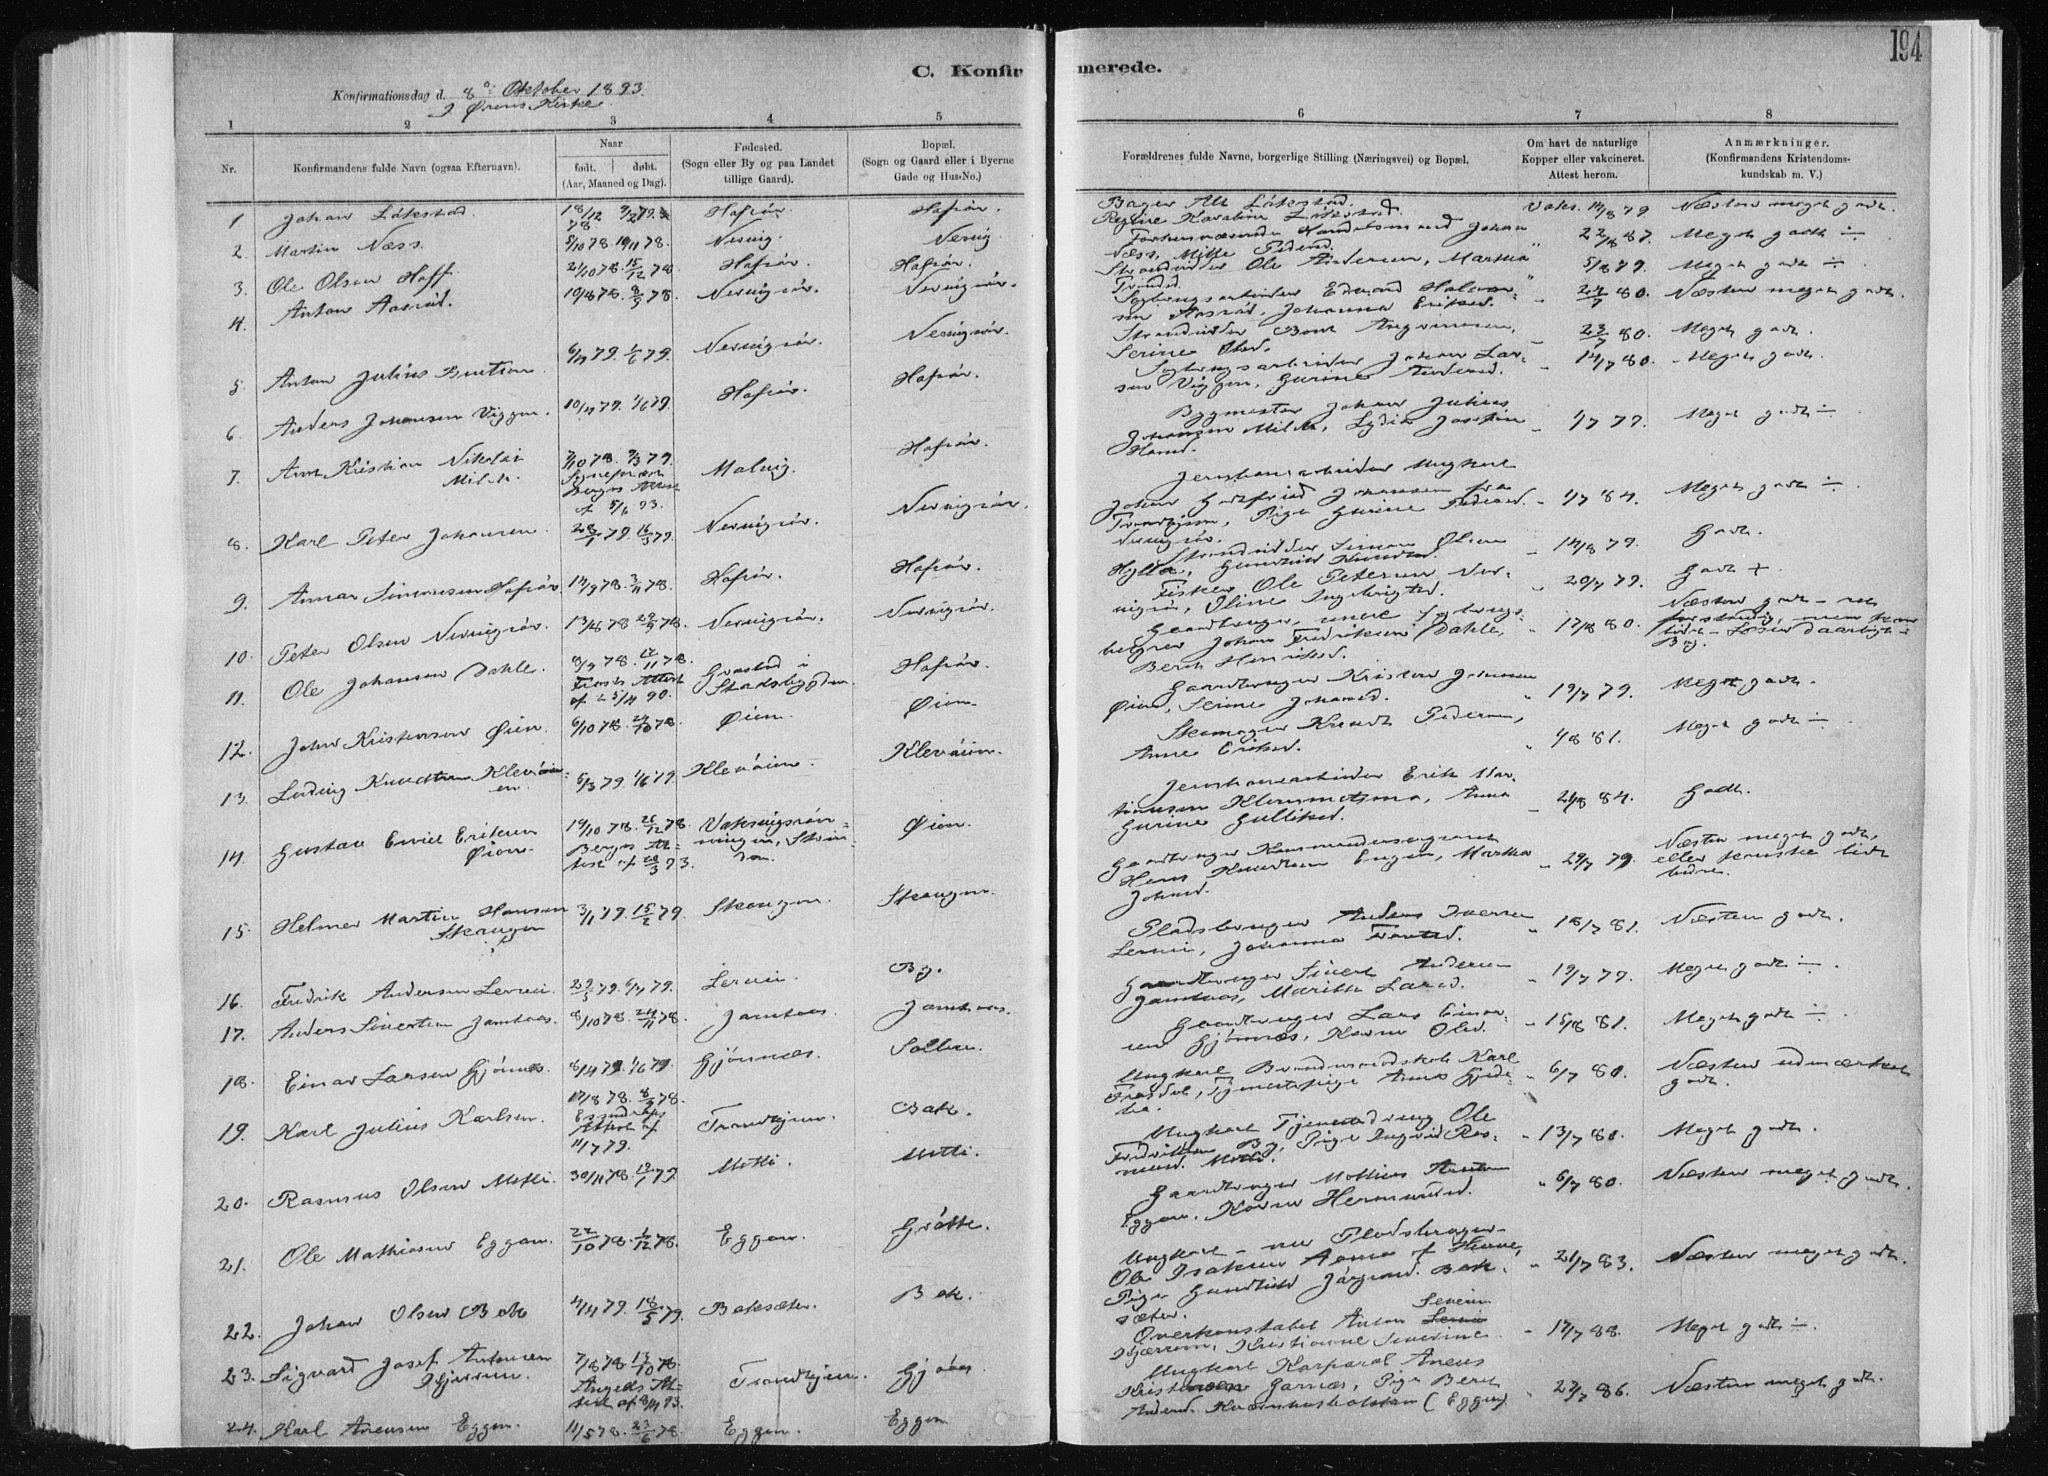 SAT, Ministerialprotokoller, klokkerbøker og fødselsregistre - Sør-Trøndelag, 668/L0818: Klokkerbok nr. 668C07, 1885-1898, s. 194